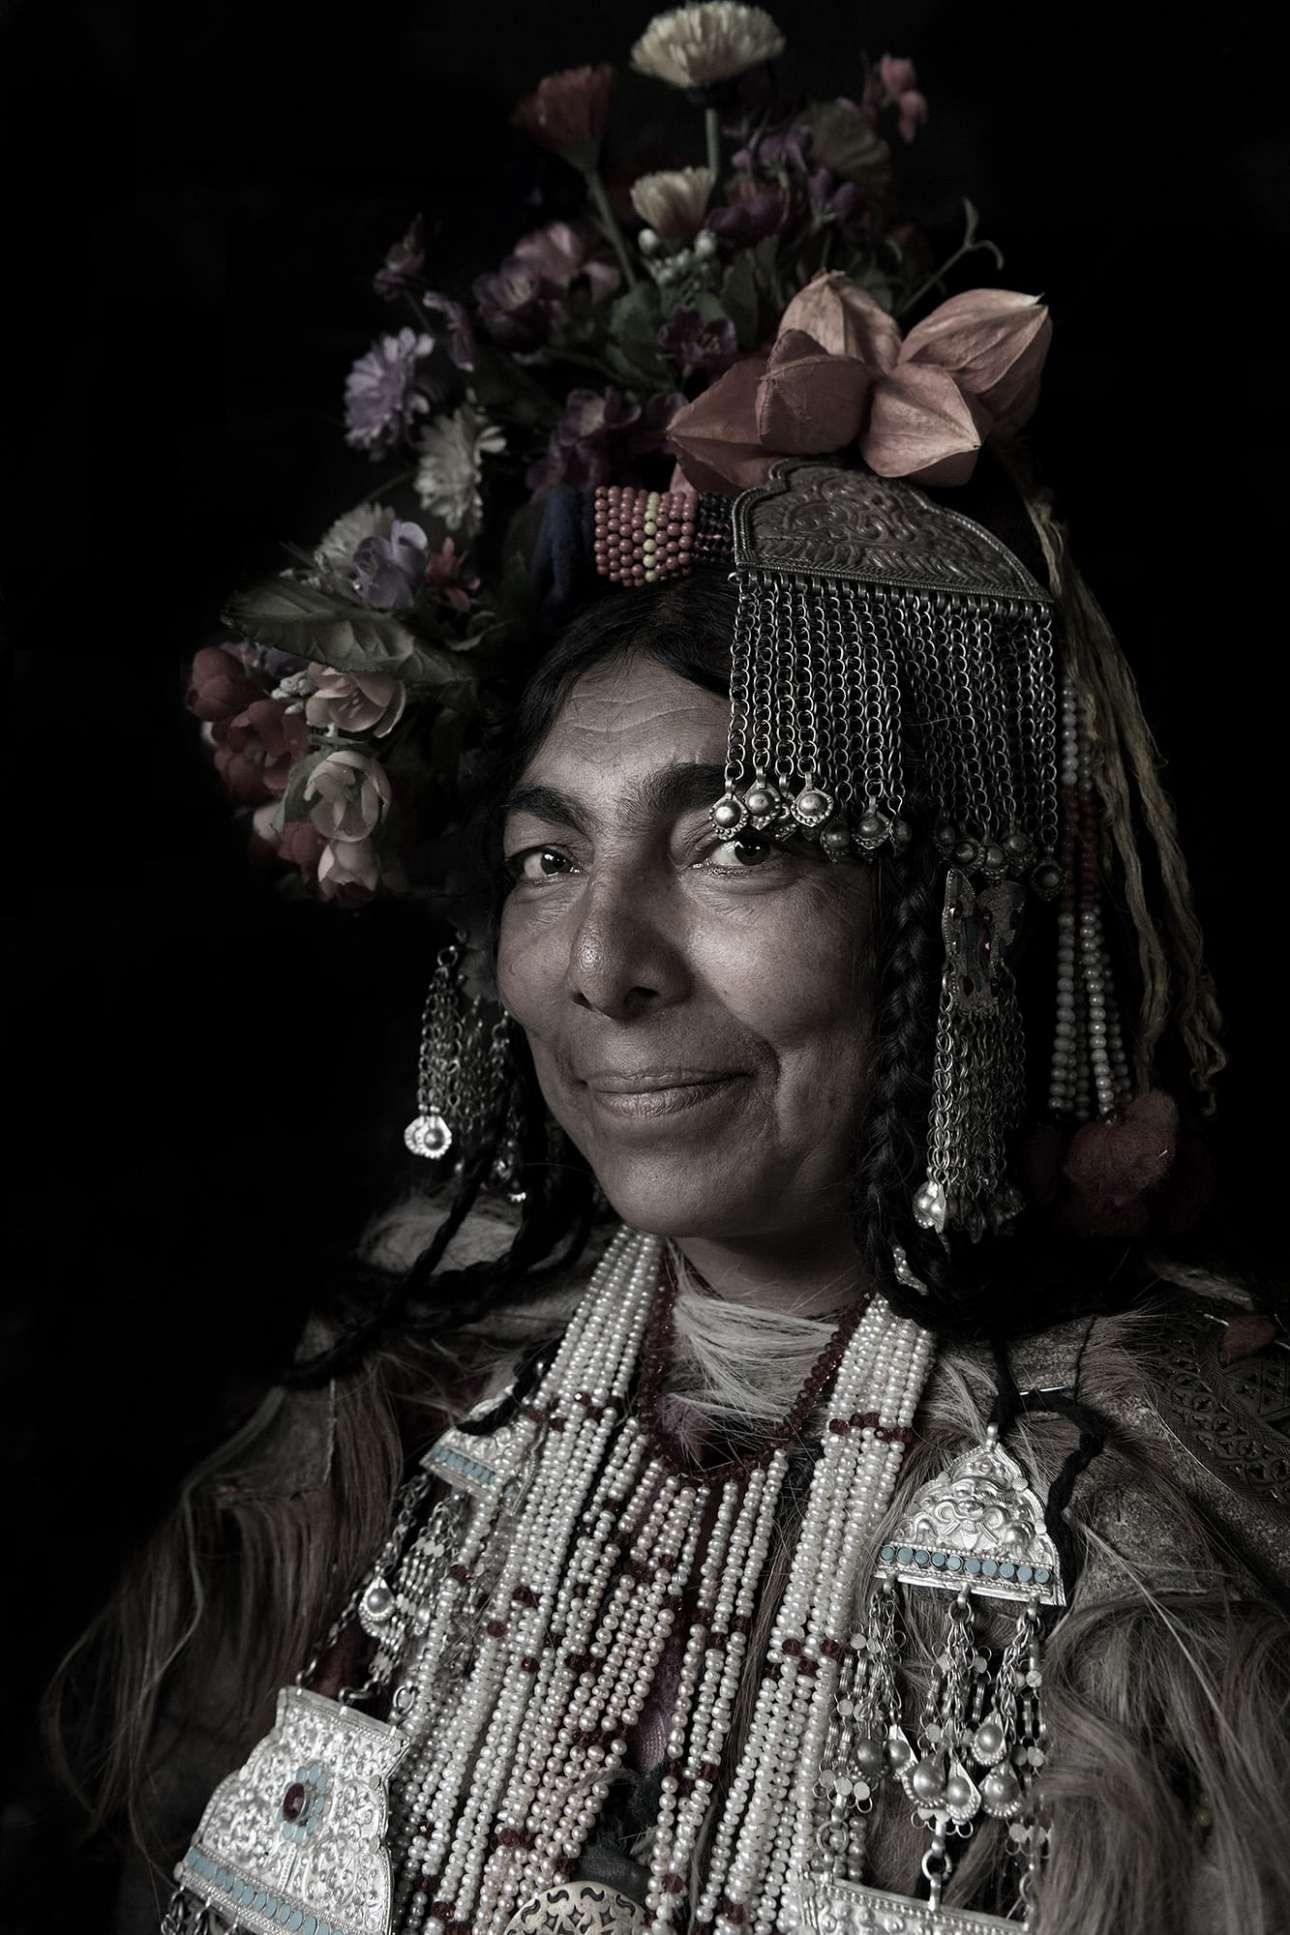 Η Τέιλορ επισκέφθηκε μέρη όπου σπανίως πηγαίνουν τουρίστες και καθώς ήταν γυναίκα κατάφερε να γνωρίσει και να απαθανατίσει τις ντροπαλές γυναίκες της φυλής Μπάλτι